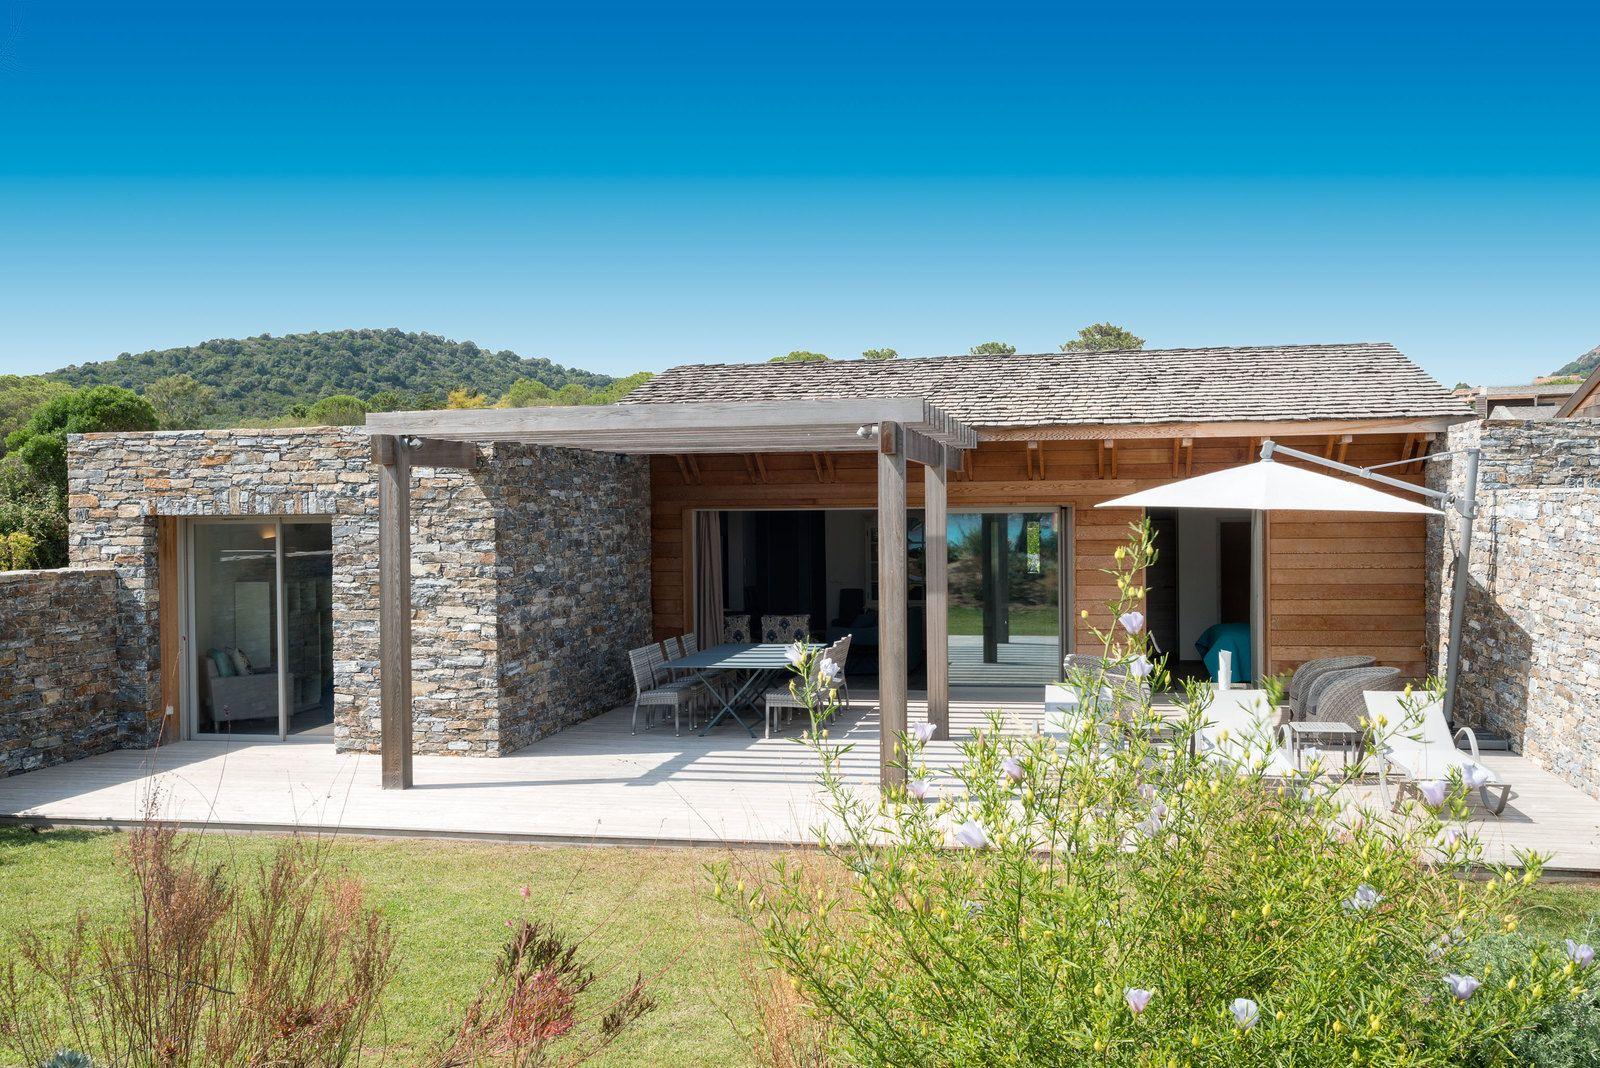 A vendre porto vecchio en corse villa en bord de mer maison corse en 2019 villa outdoor - Maison bois en corse ...